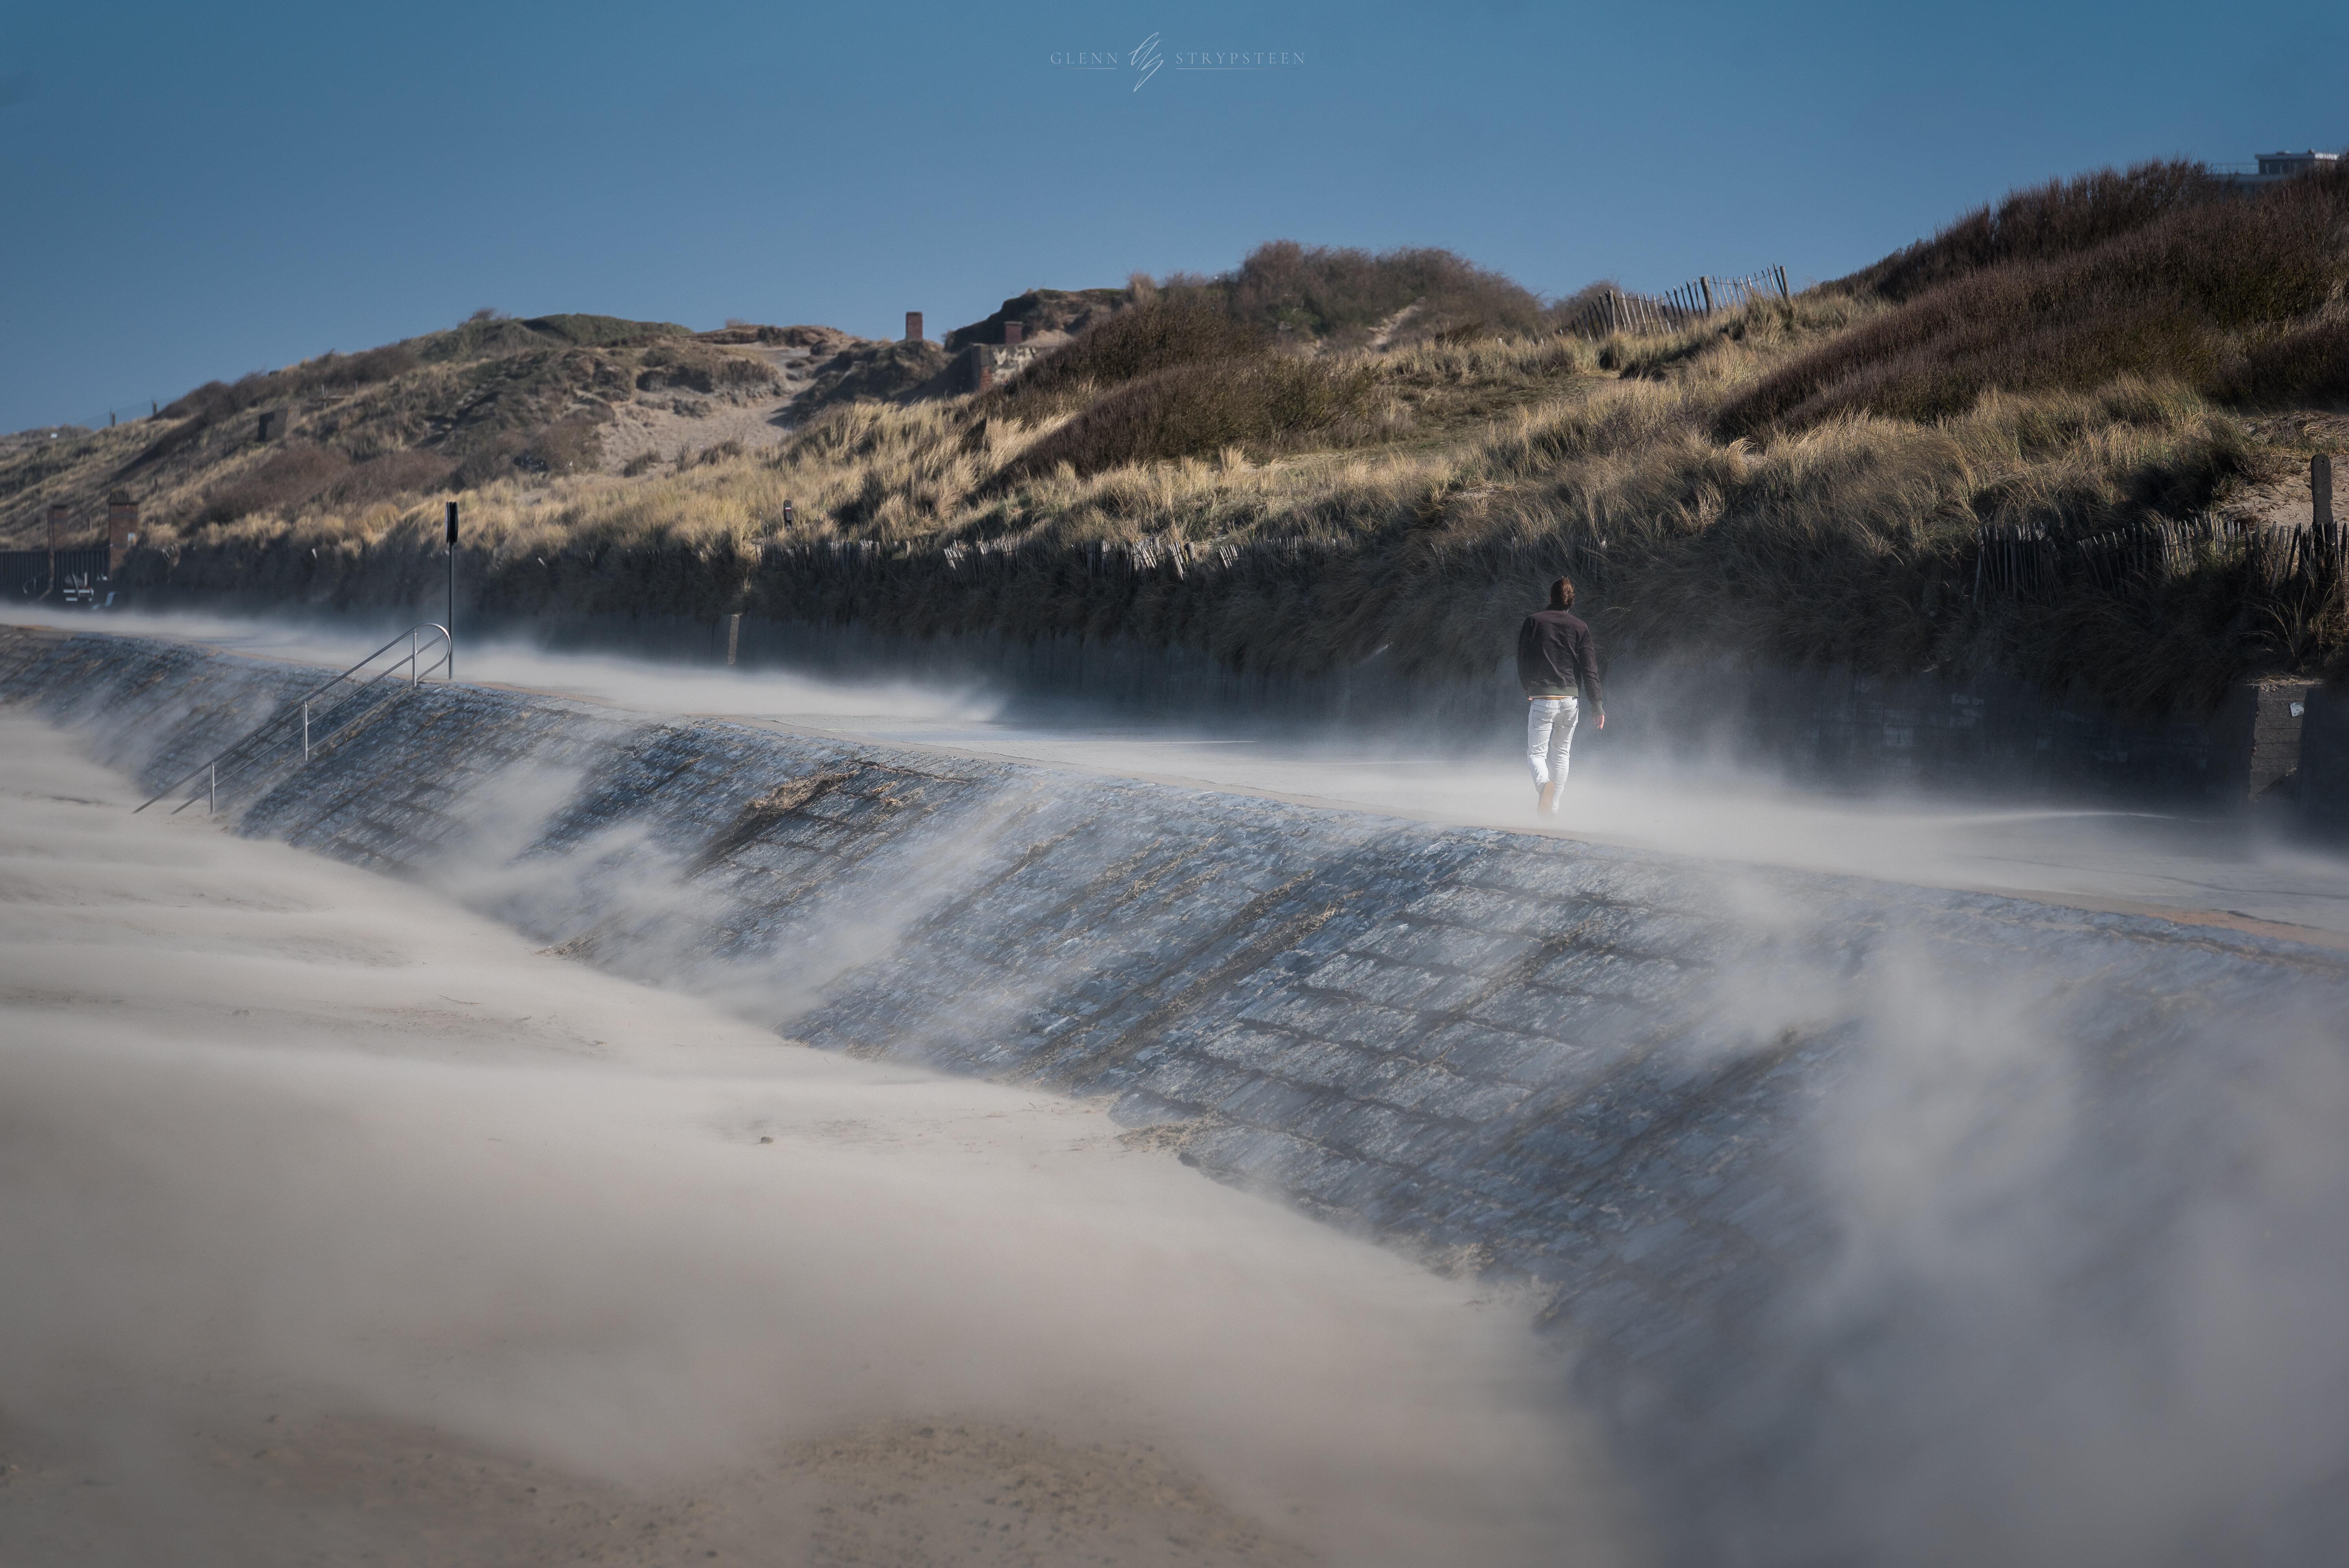 Op deze foto zie je het probleem van zandoverlast op de Spinoladijk ontstaan